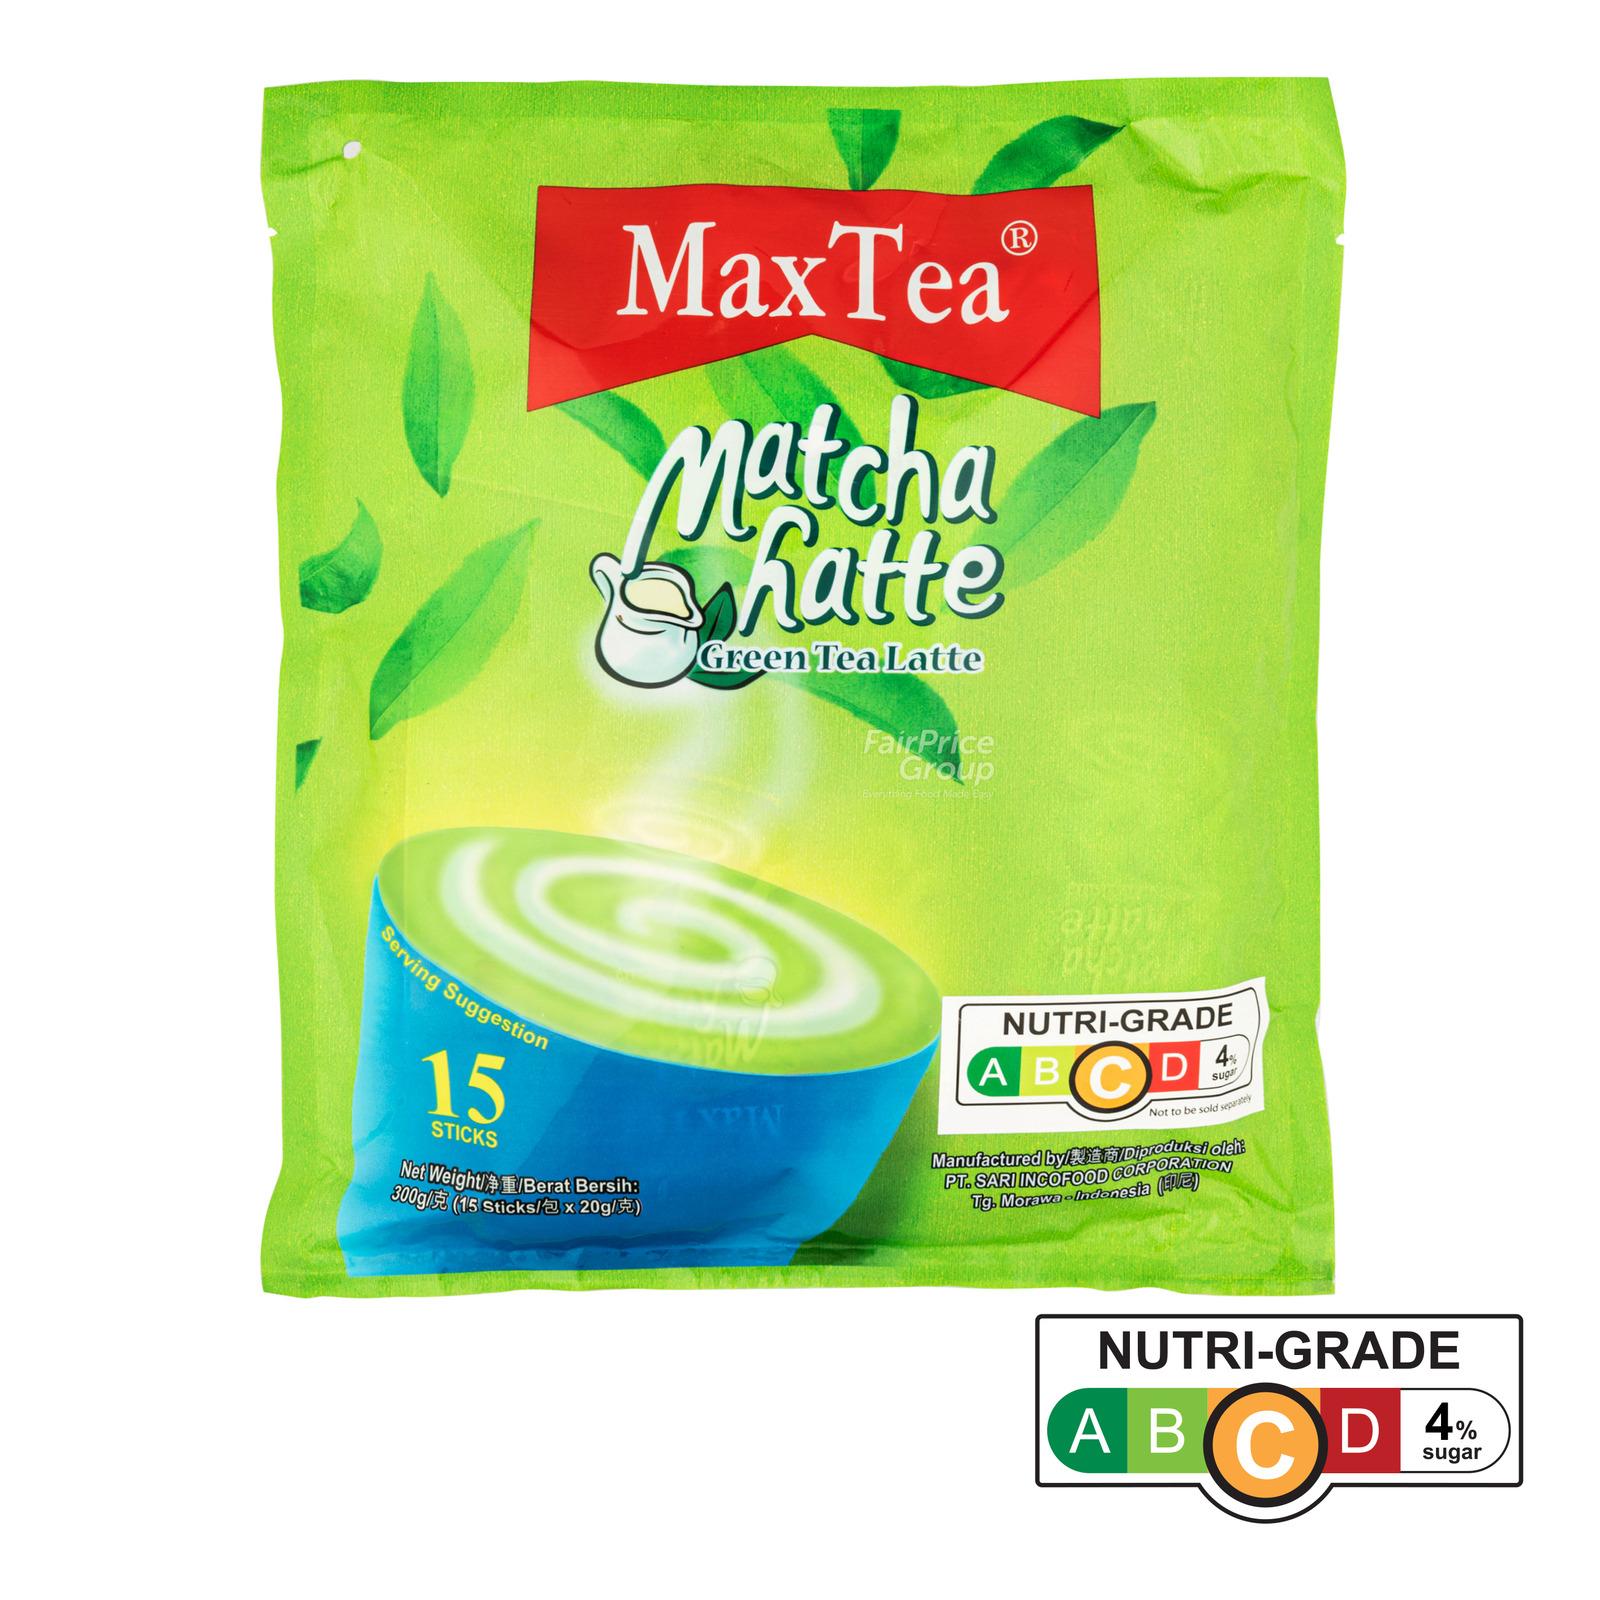 MaxTea Instant Drink - Matcha Latte (Green Tea)